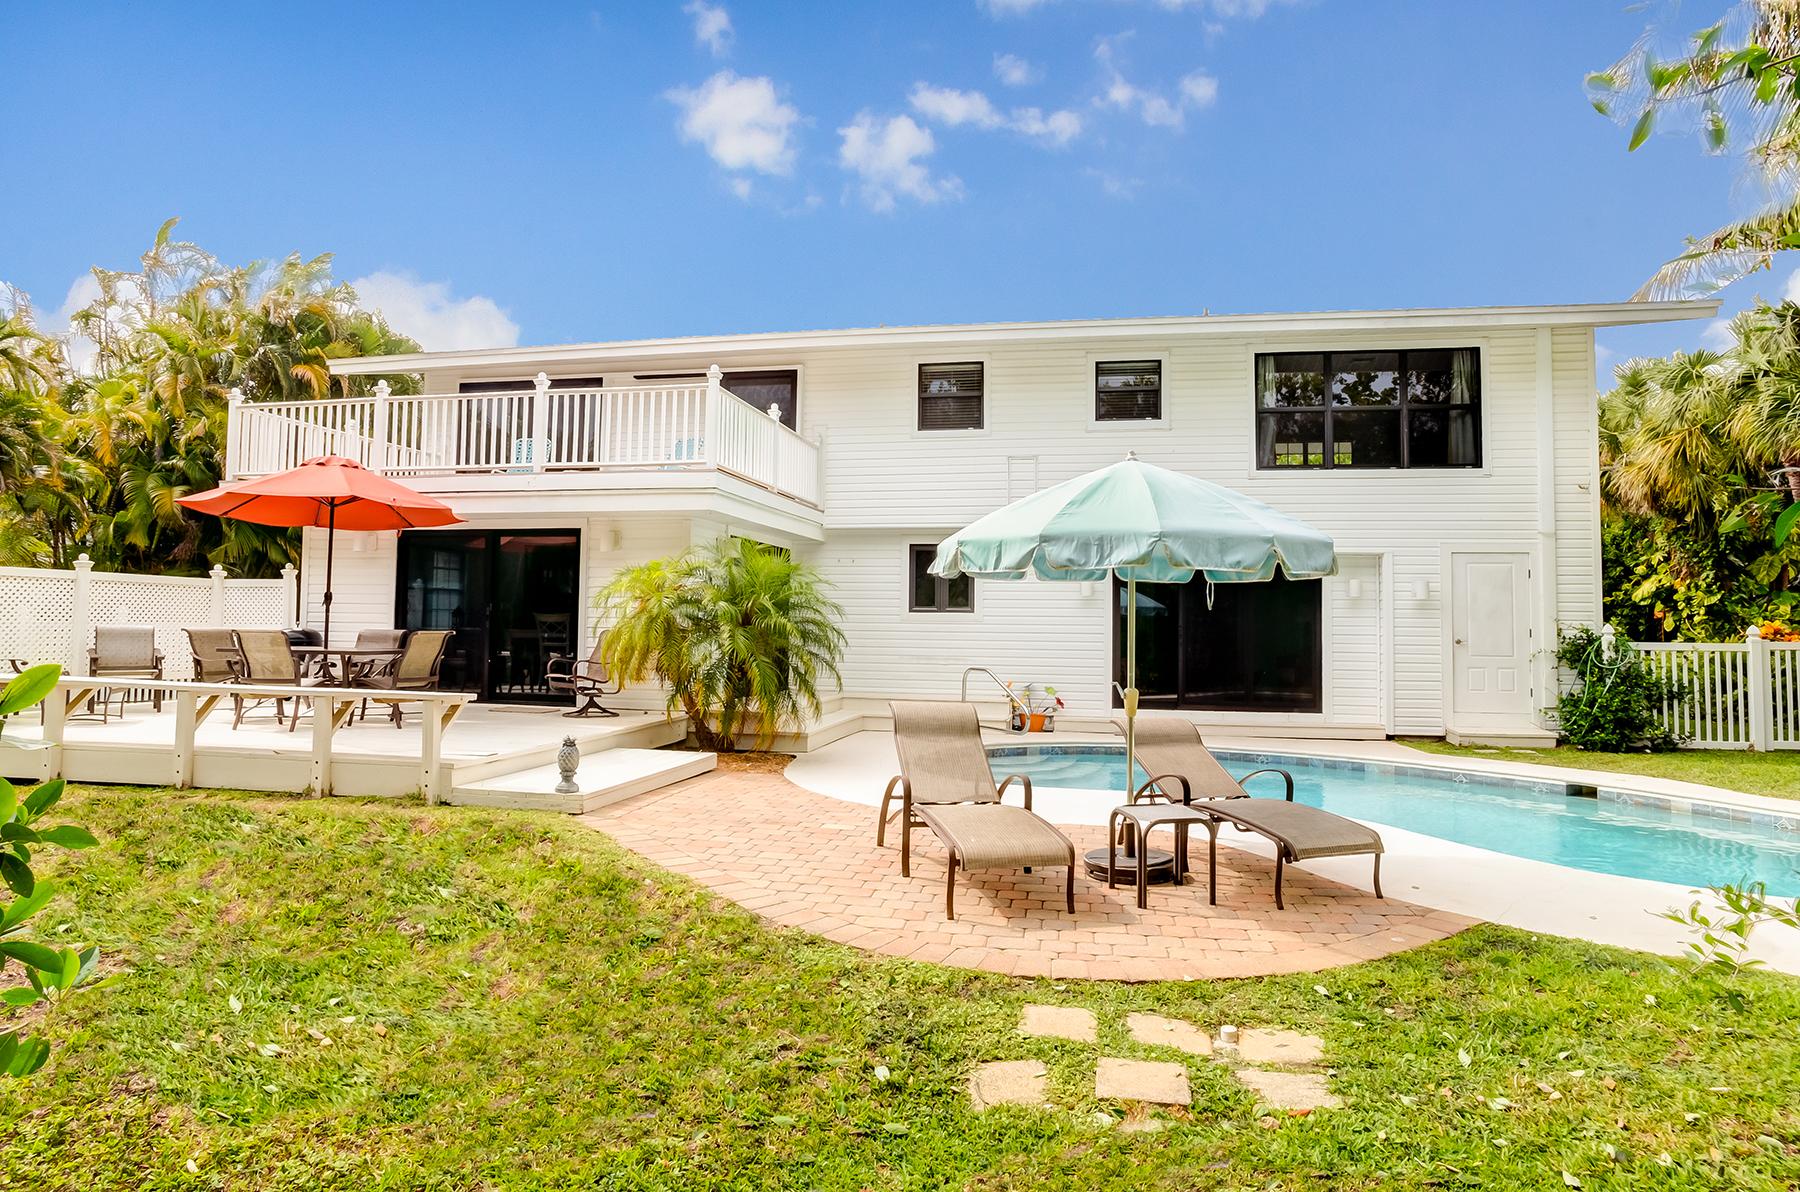 独户住宅 为 销售 在 SANIBEL 931 S Yachtsman Dr 撒你贝尔, 佛罗里达州, 33957 美国